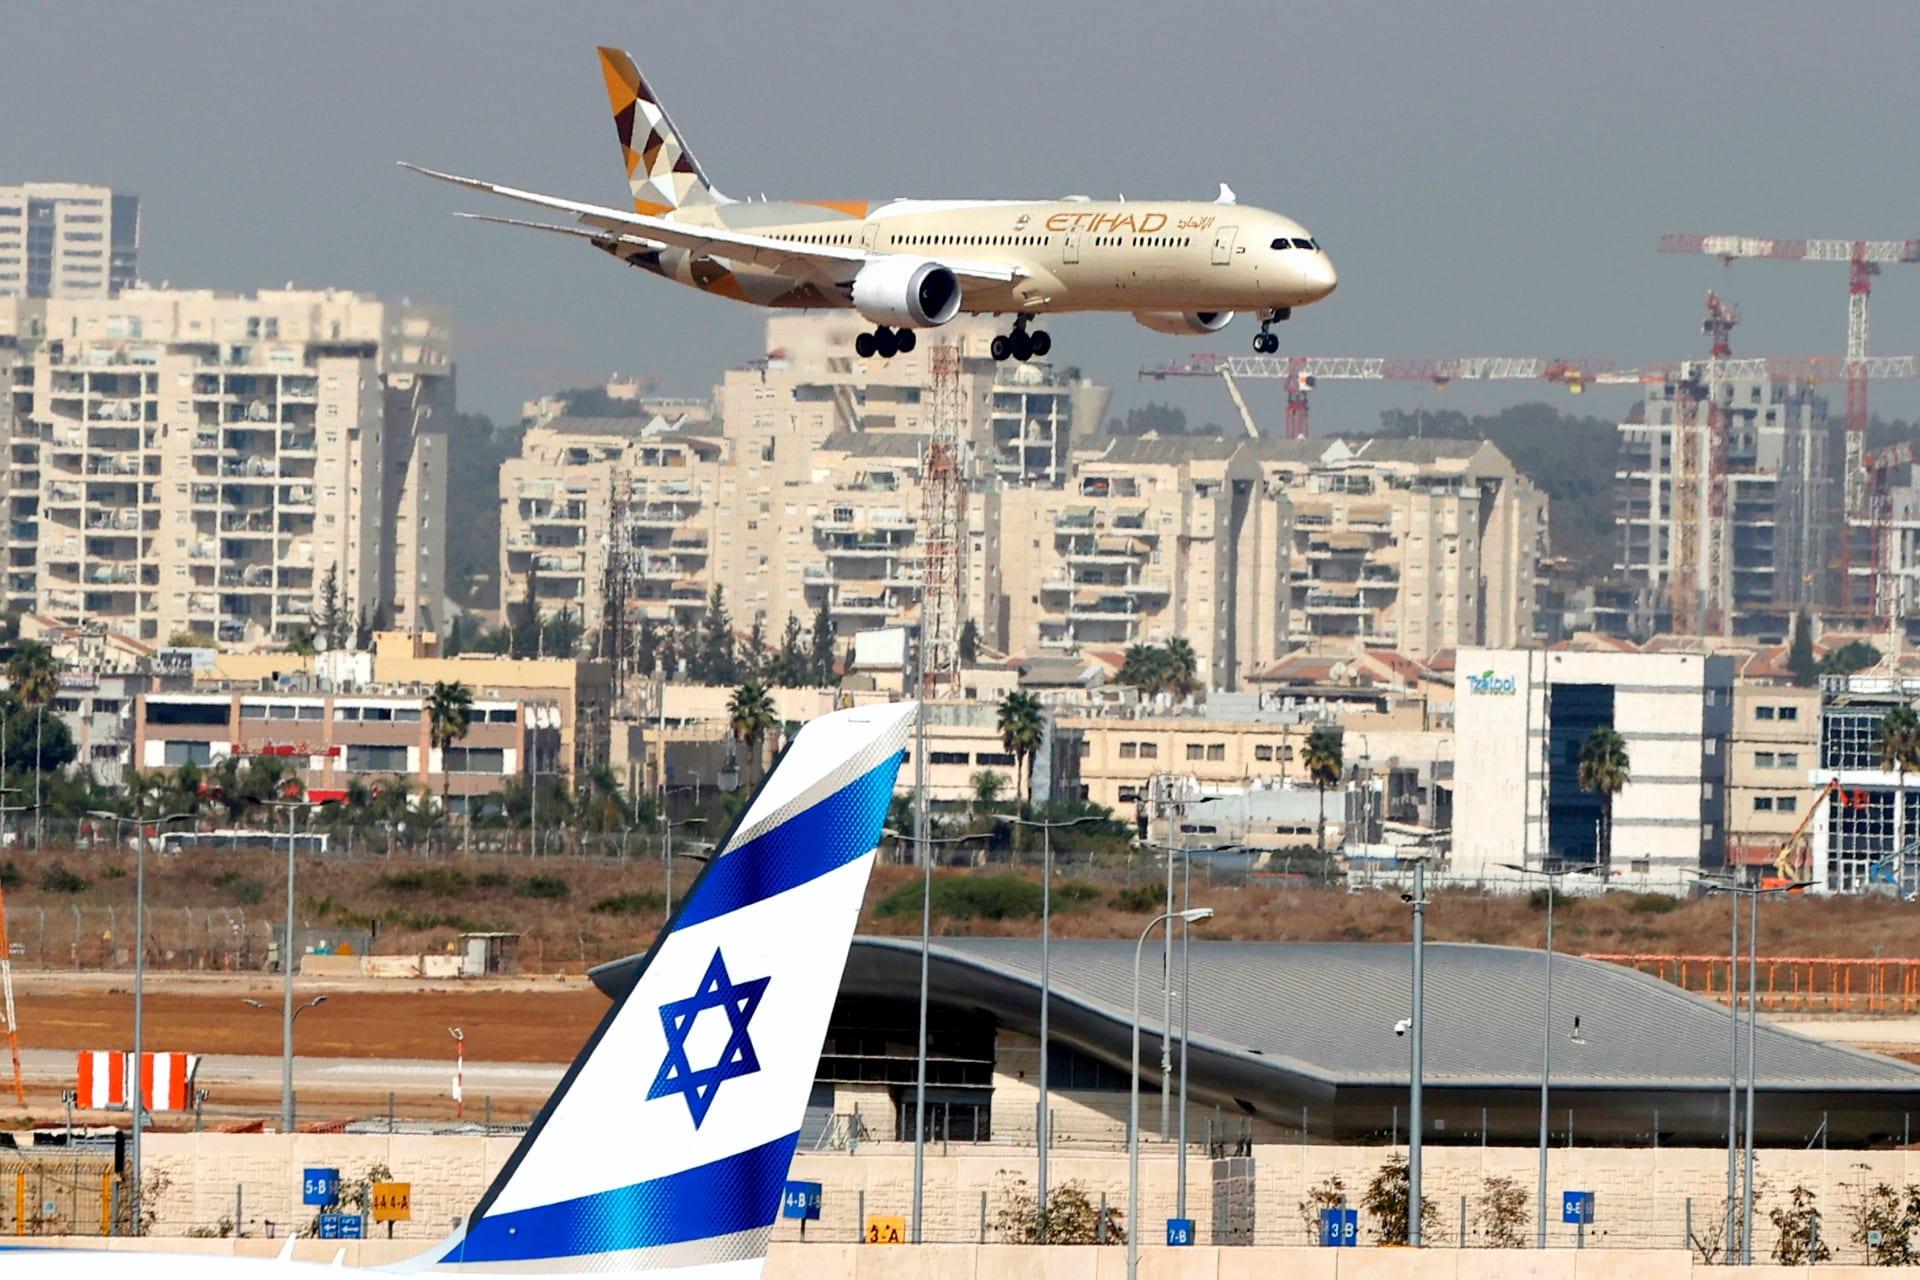 صندوق استثمارات بـ 3 مليارات دولار بين الإمارات وإسرائيل وأمريكا